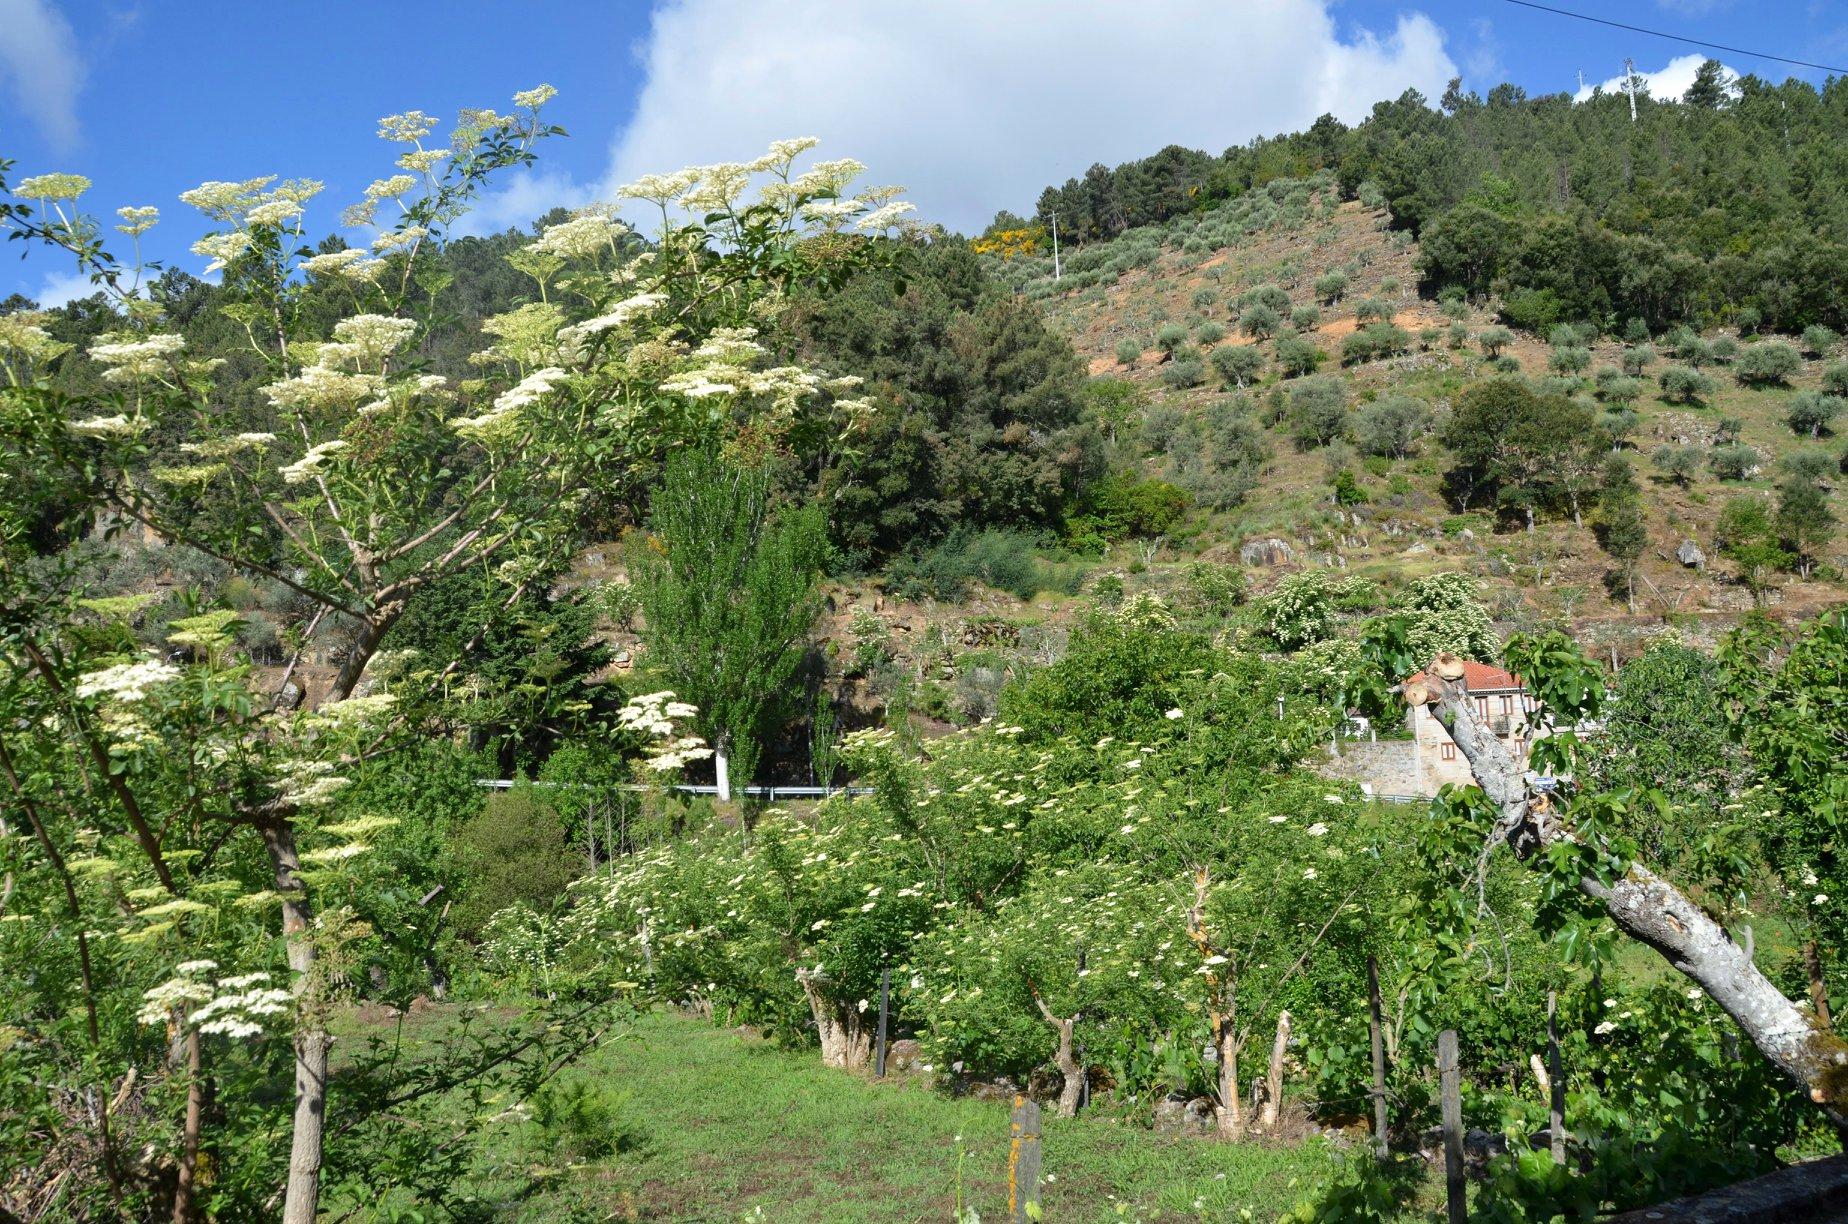 Elderberry beauty along the way.